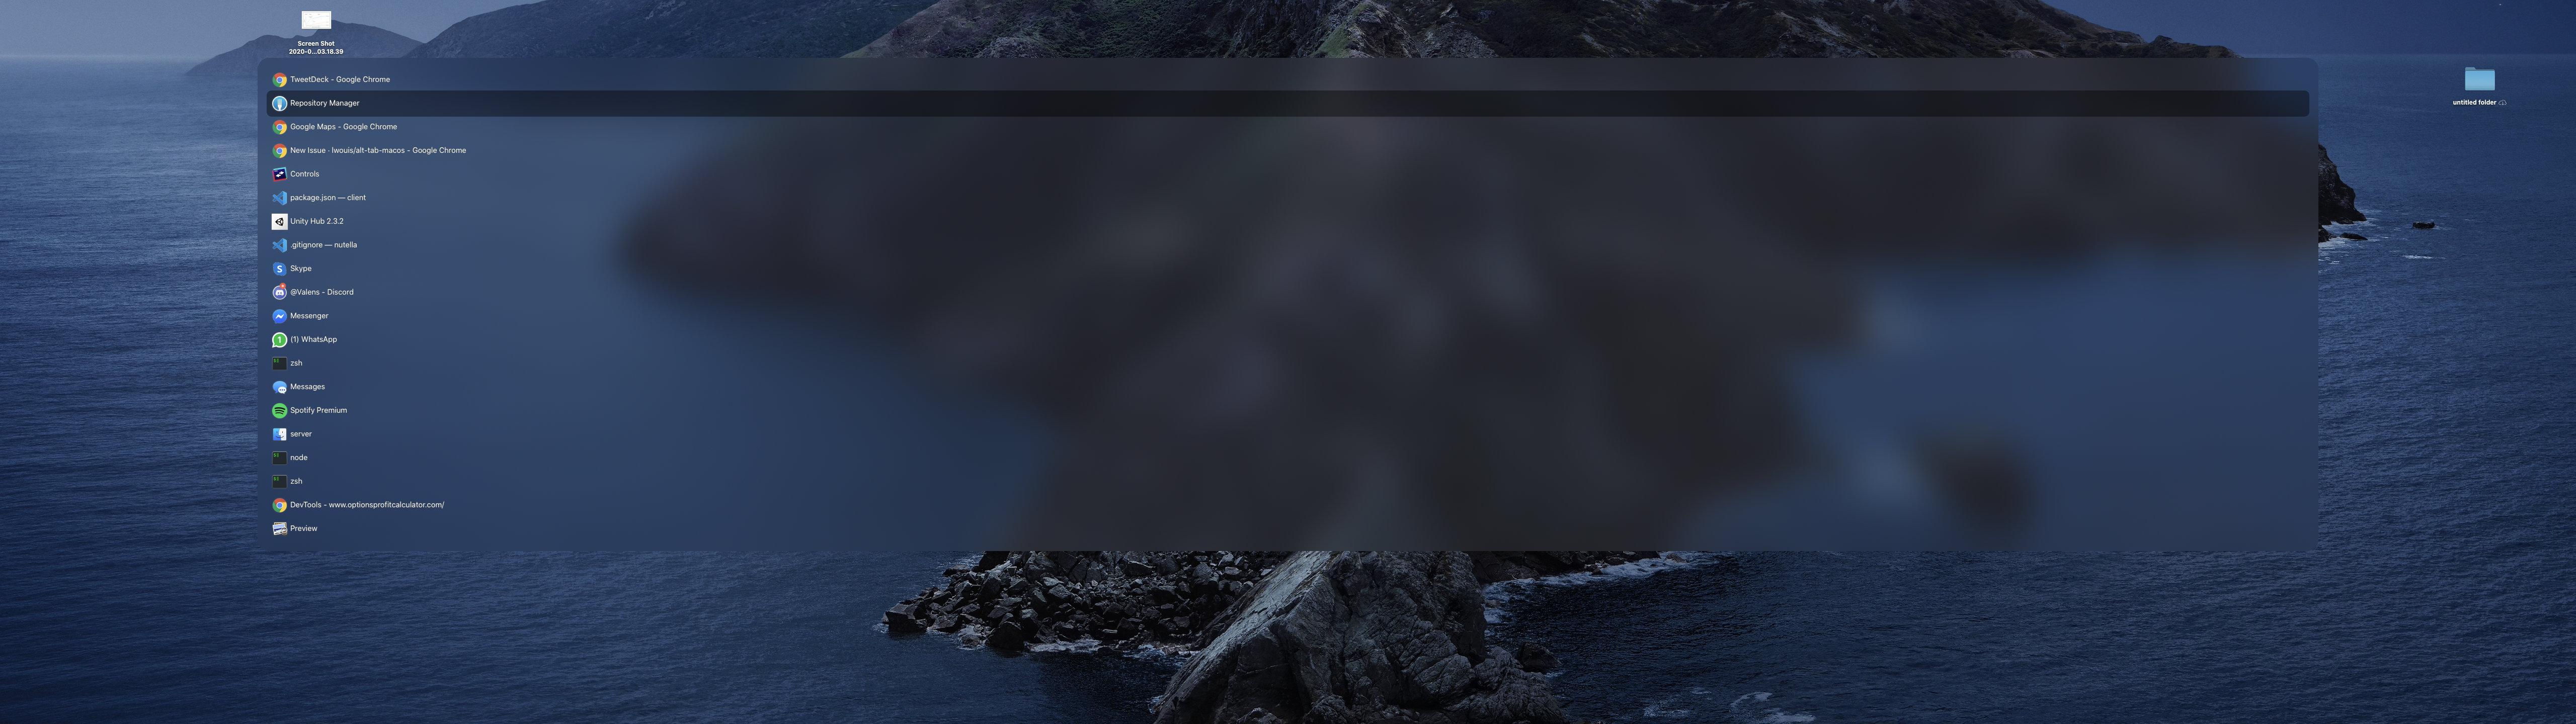 Screen Shot 2020-09-07 at 00 53 28